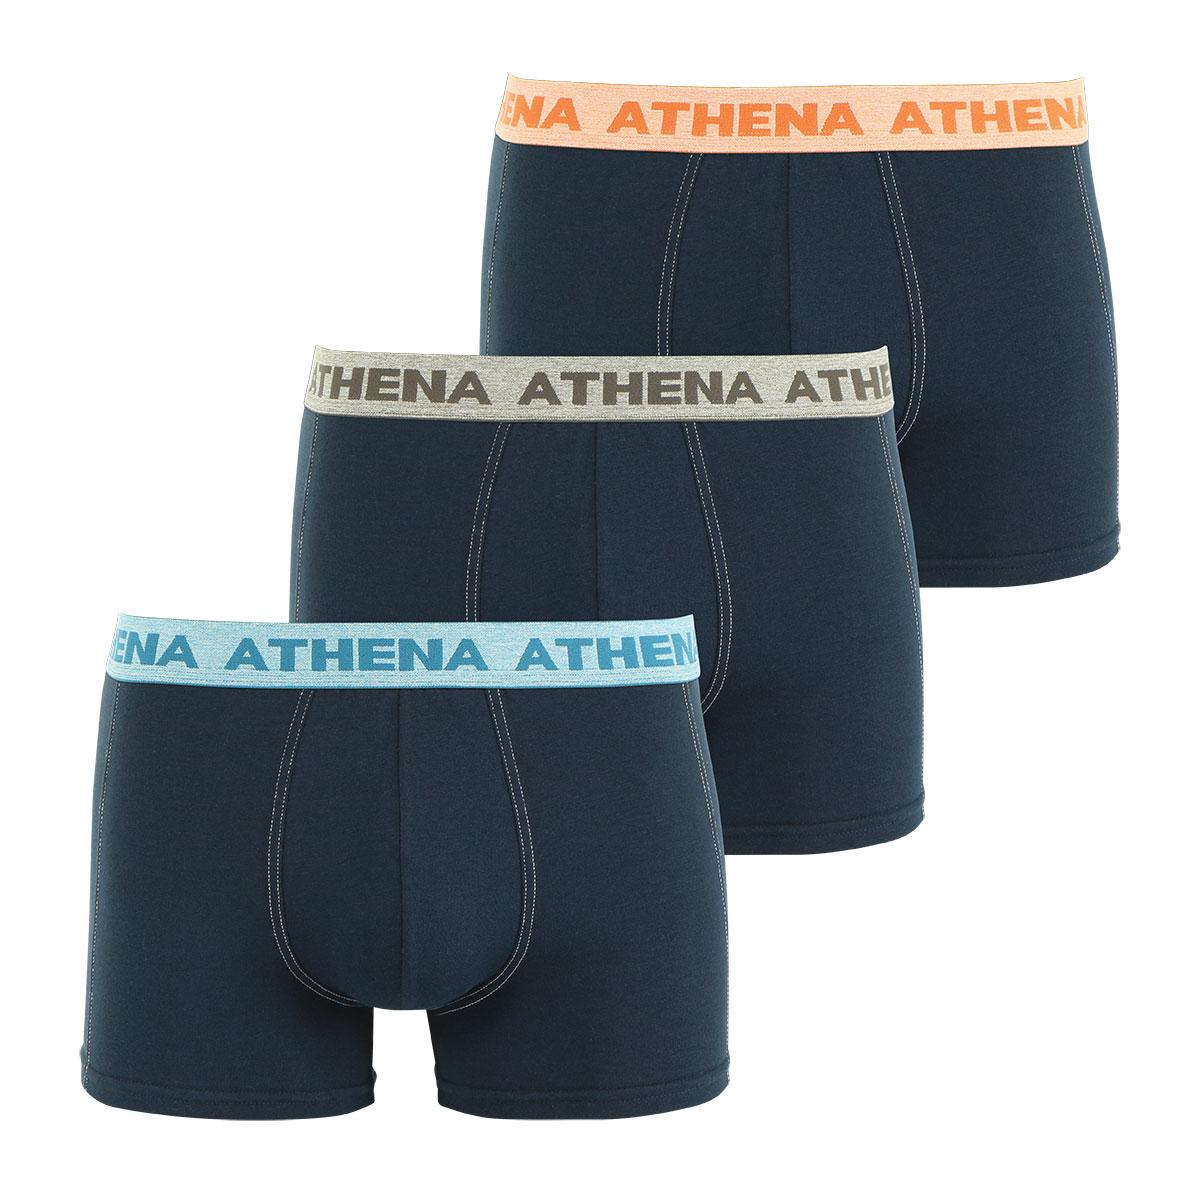 Lot de 3 boxers homme Authentic Athena. Lot de 3 boxers ATHENA AUTHENTIC en coton stretch respirant   Inspiré du style jeanner américain